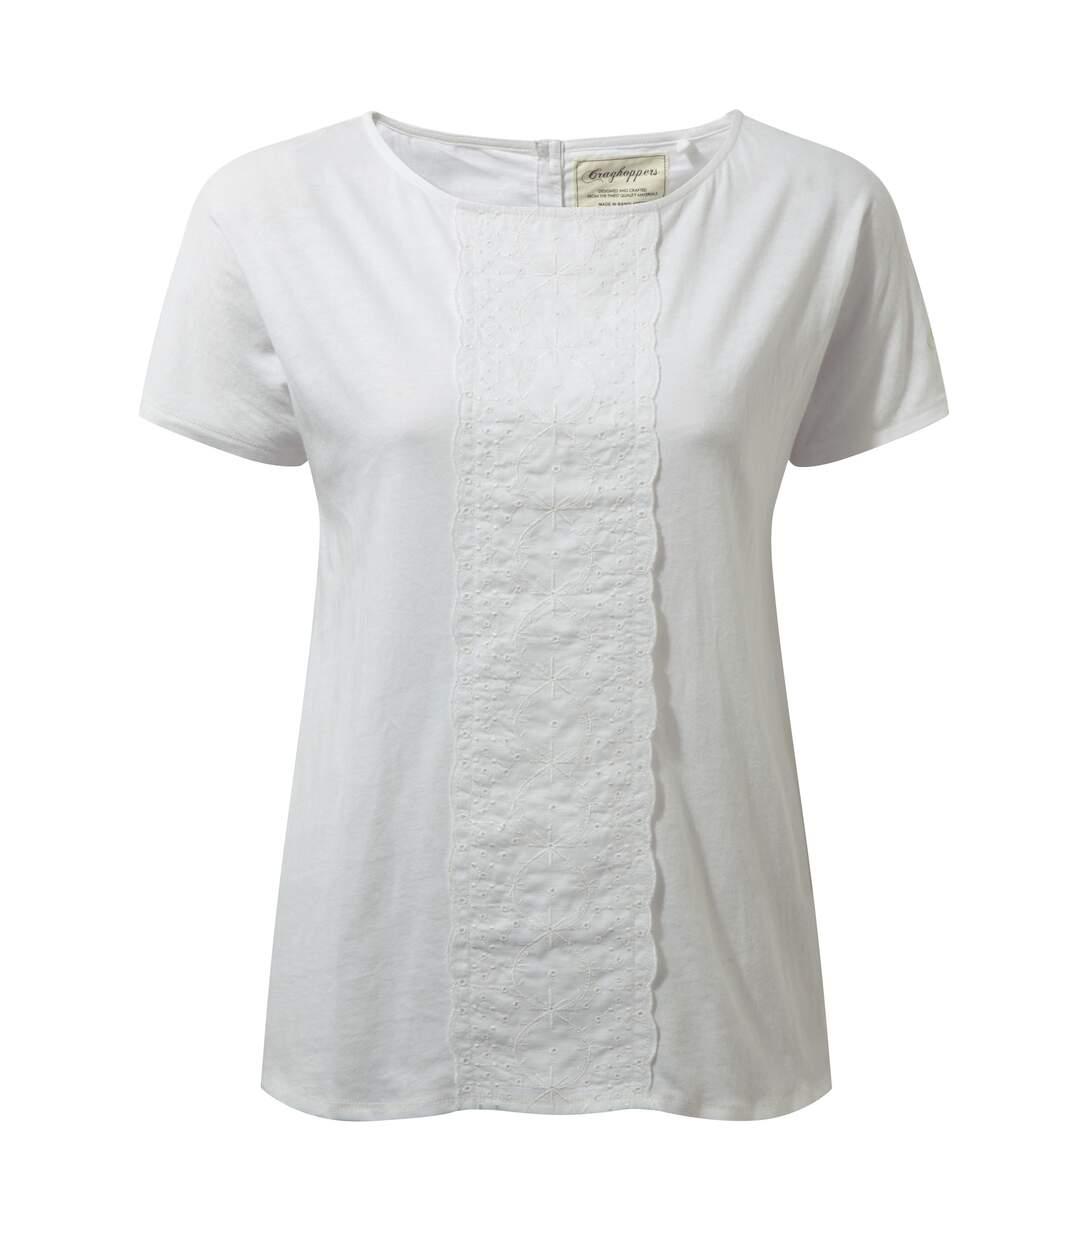 Craghoppers Connie - T-Shirt Léger À Manches Courtes - Femme (Blanc) - UTCG650